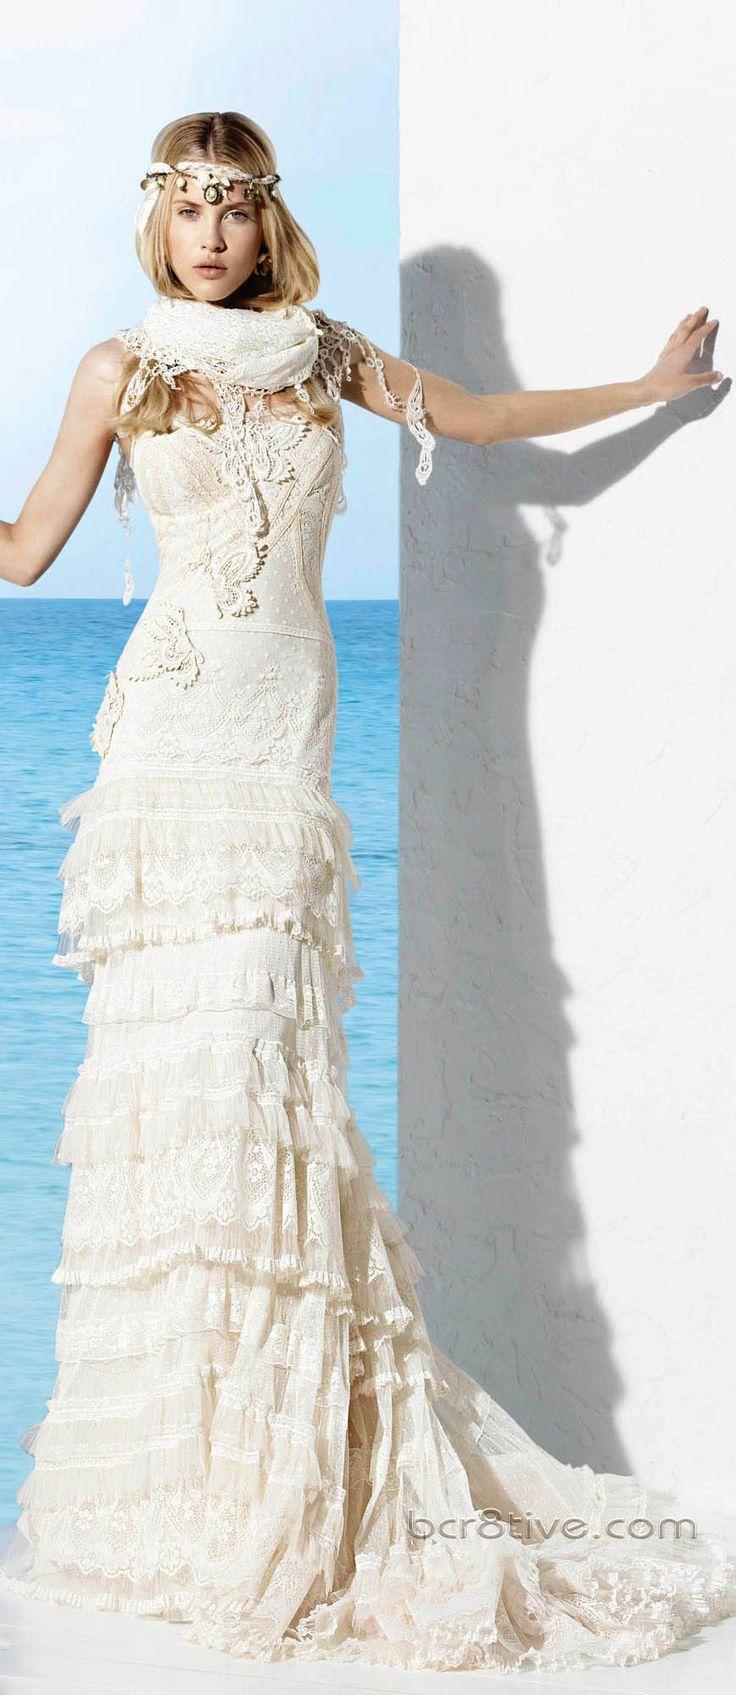 Fotografías de los mejores vestidos de novia ibicencos! Esta colección nos enamora y deslumbra con vestidos ibicencos hippie-chic y exclusivos! Frescos